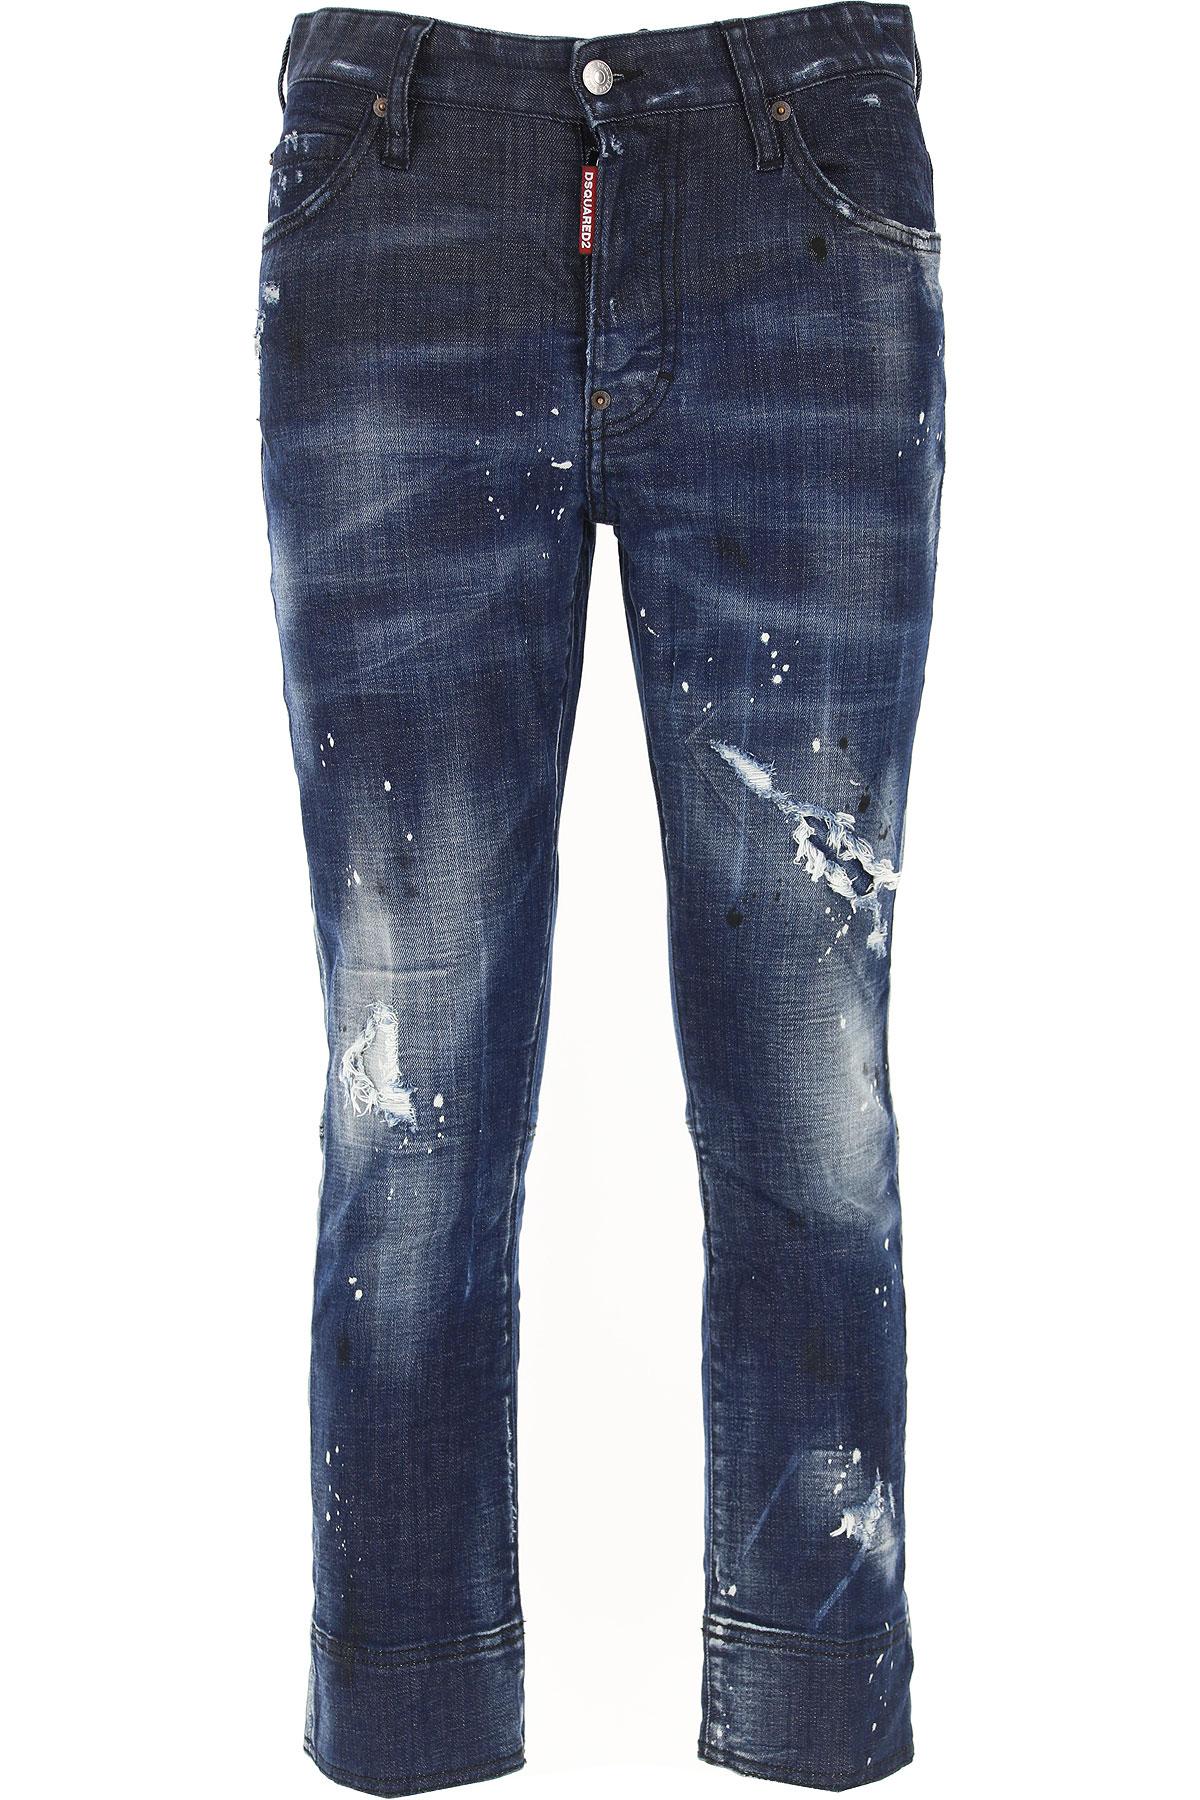 Dsquared2 Jeans On Sale, Blue Denim, Cotton, 2017, 22 24 28 30